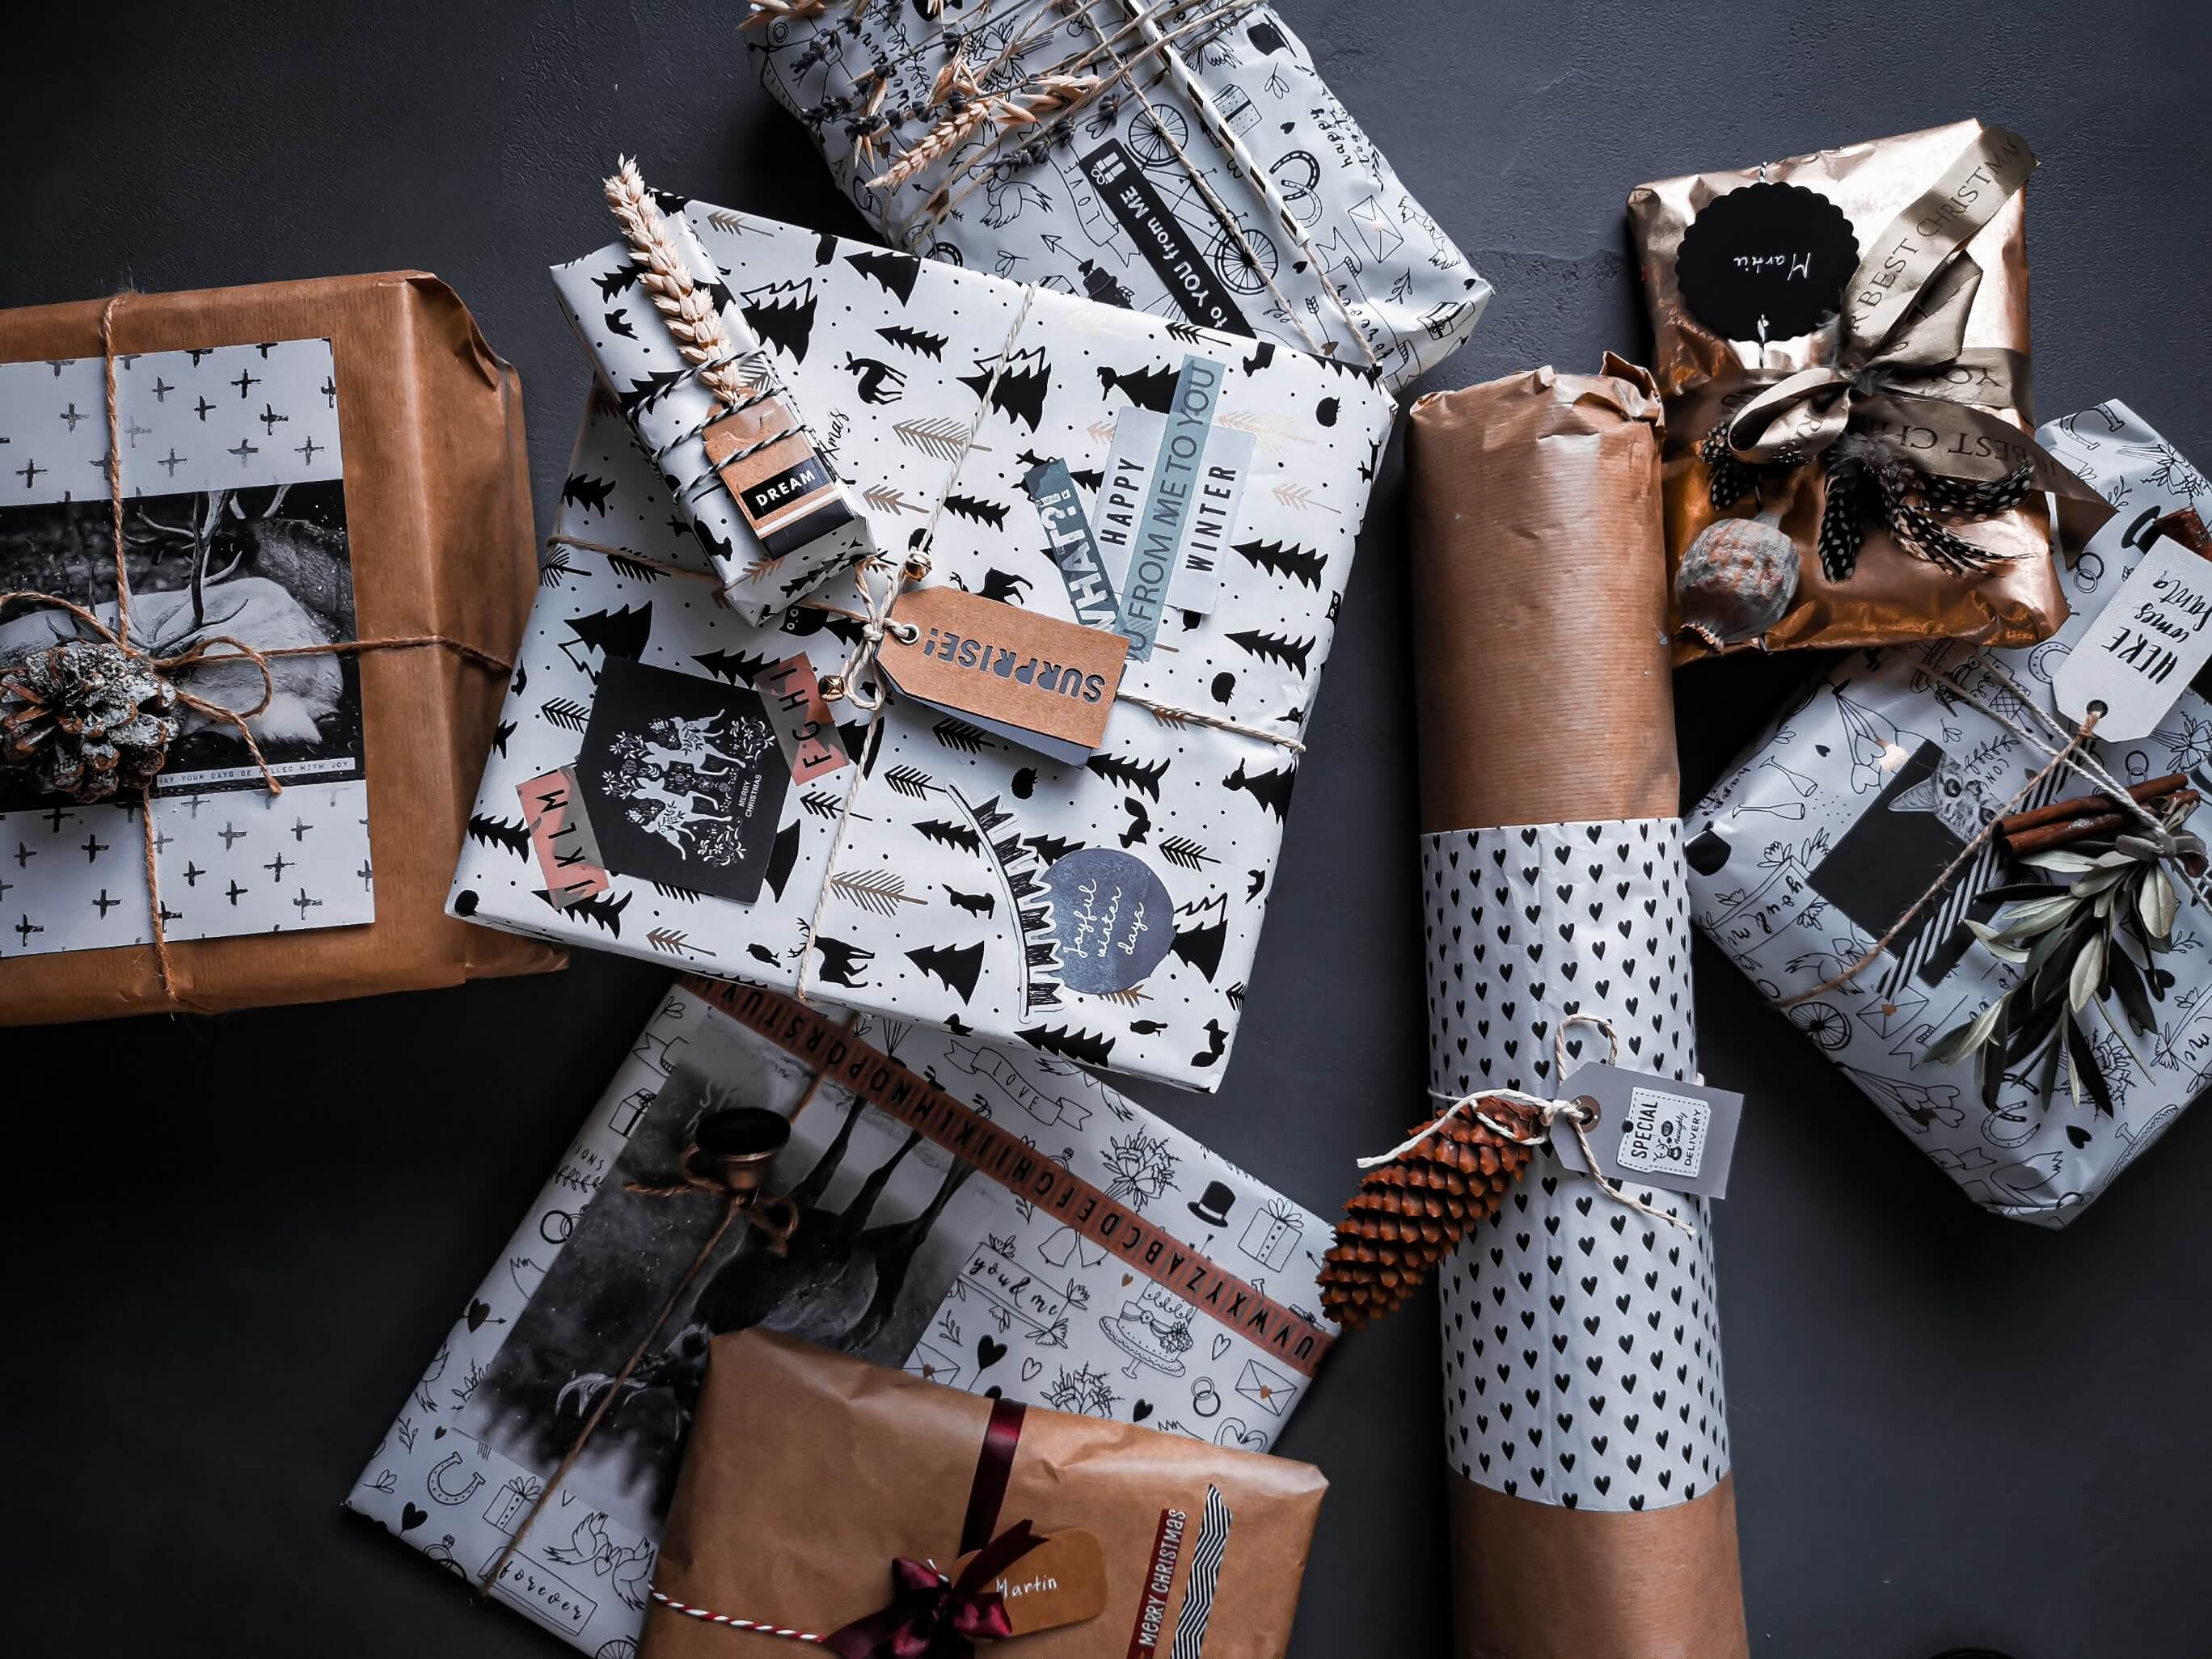 IMG 20191207 113524 resized 20191215 081647725 - 11 tipov ako zabaliť vianočné darčeky originálne a kreatívne